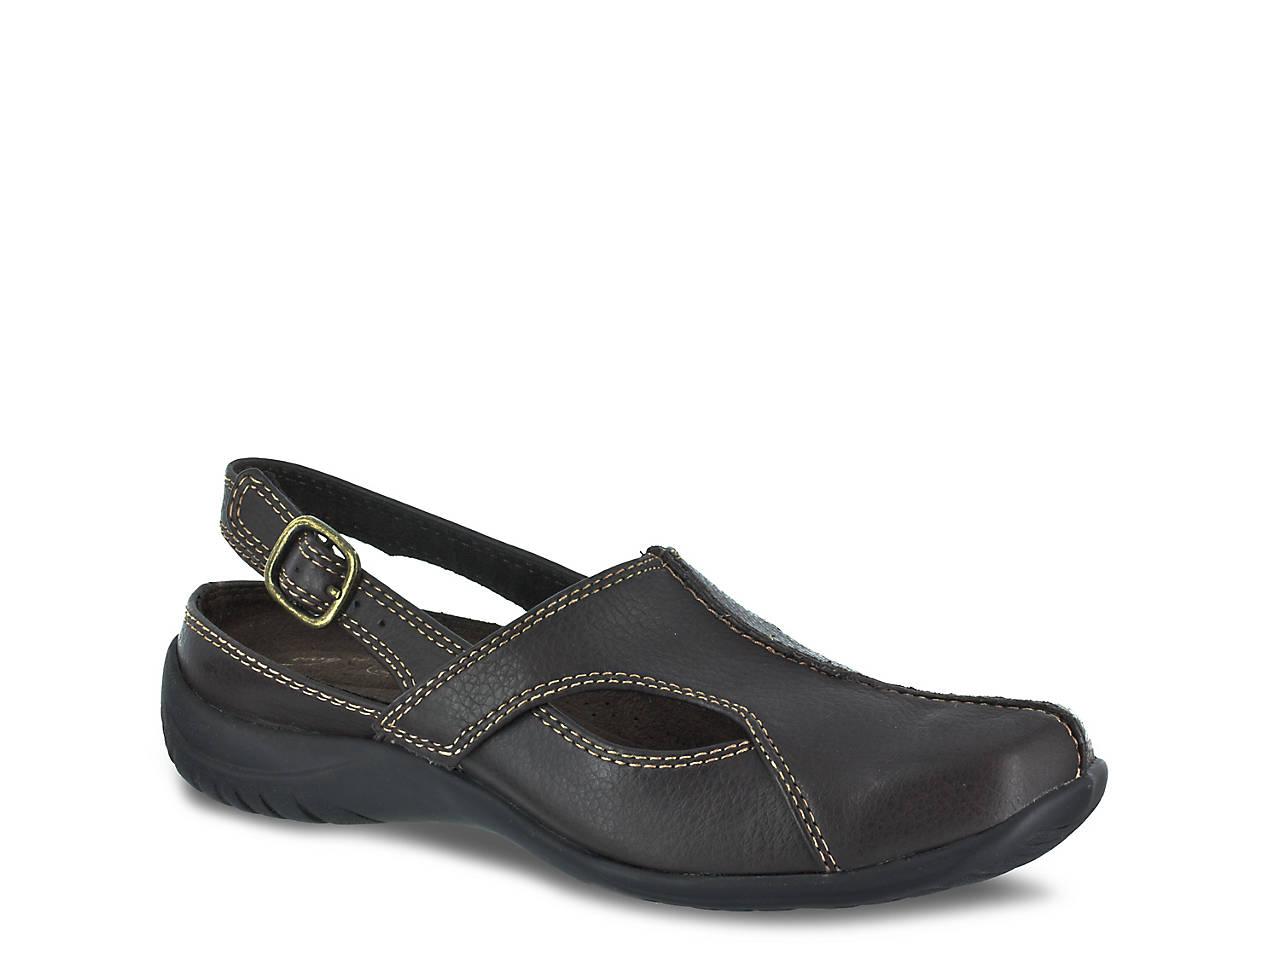 8c6bbb5539a7 Easy Street Sportster Slip-On Women s Shoes